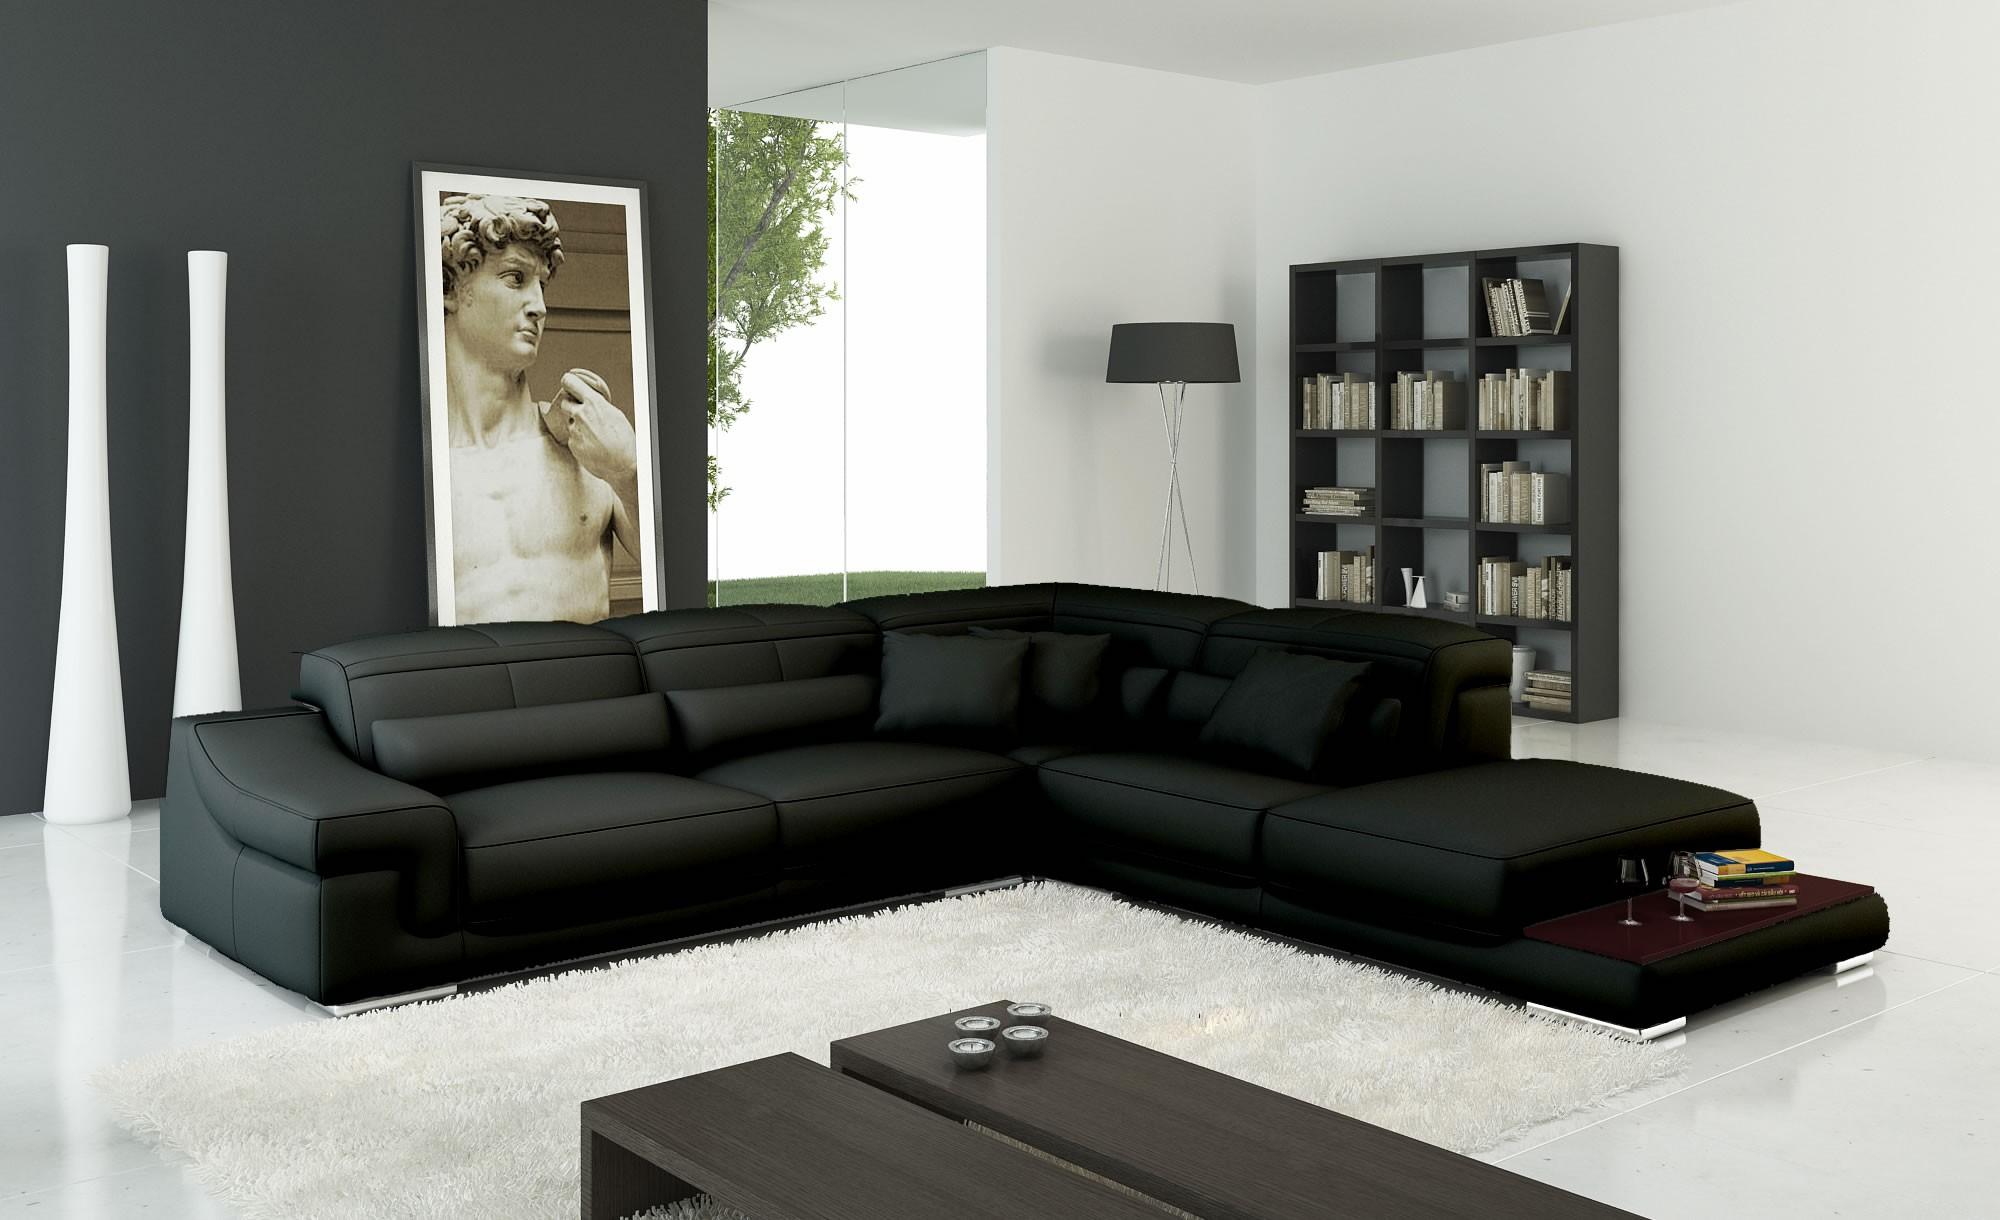 Угловой диван - универсальный и компактный вариант